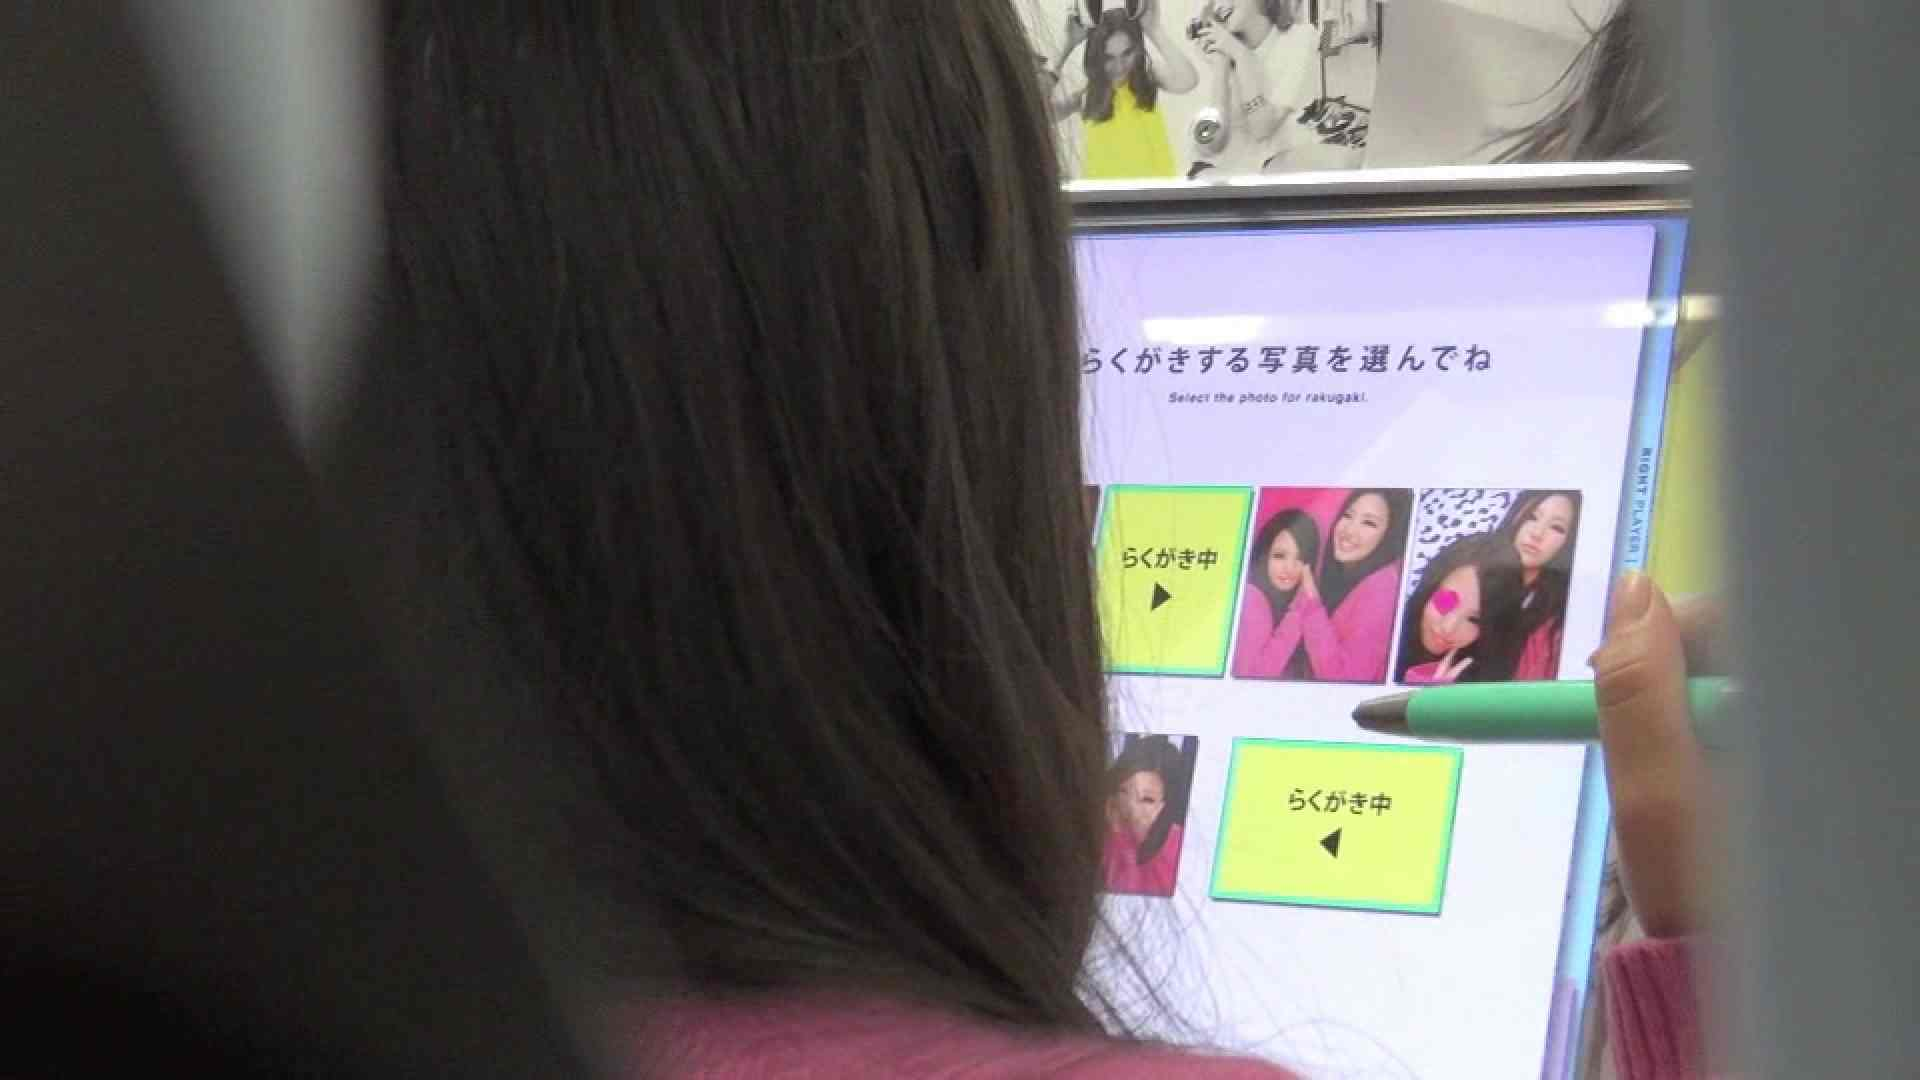 現役ギャル盗撮師 hana様のプリクラ潜入!制服Pチラ!Vol.1 盗撮  107連発 69